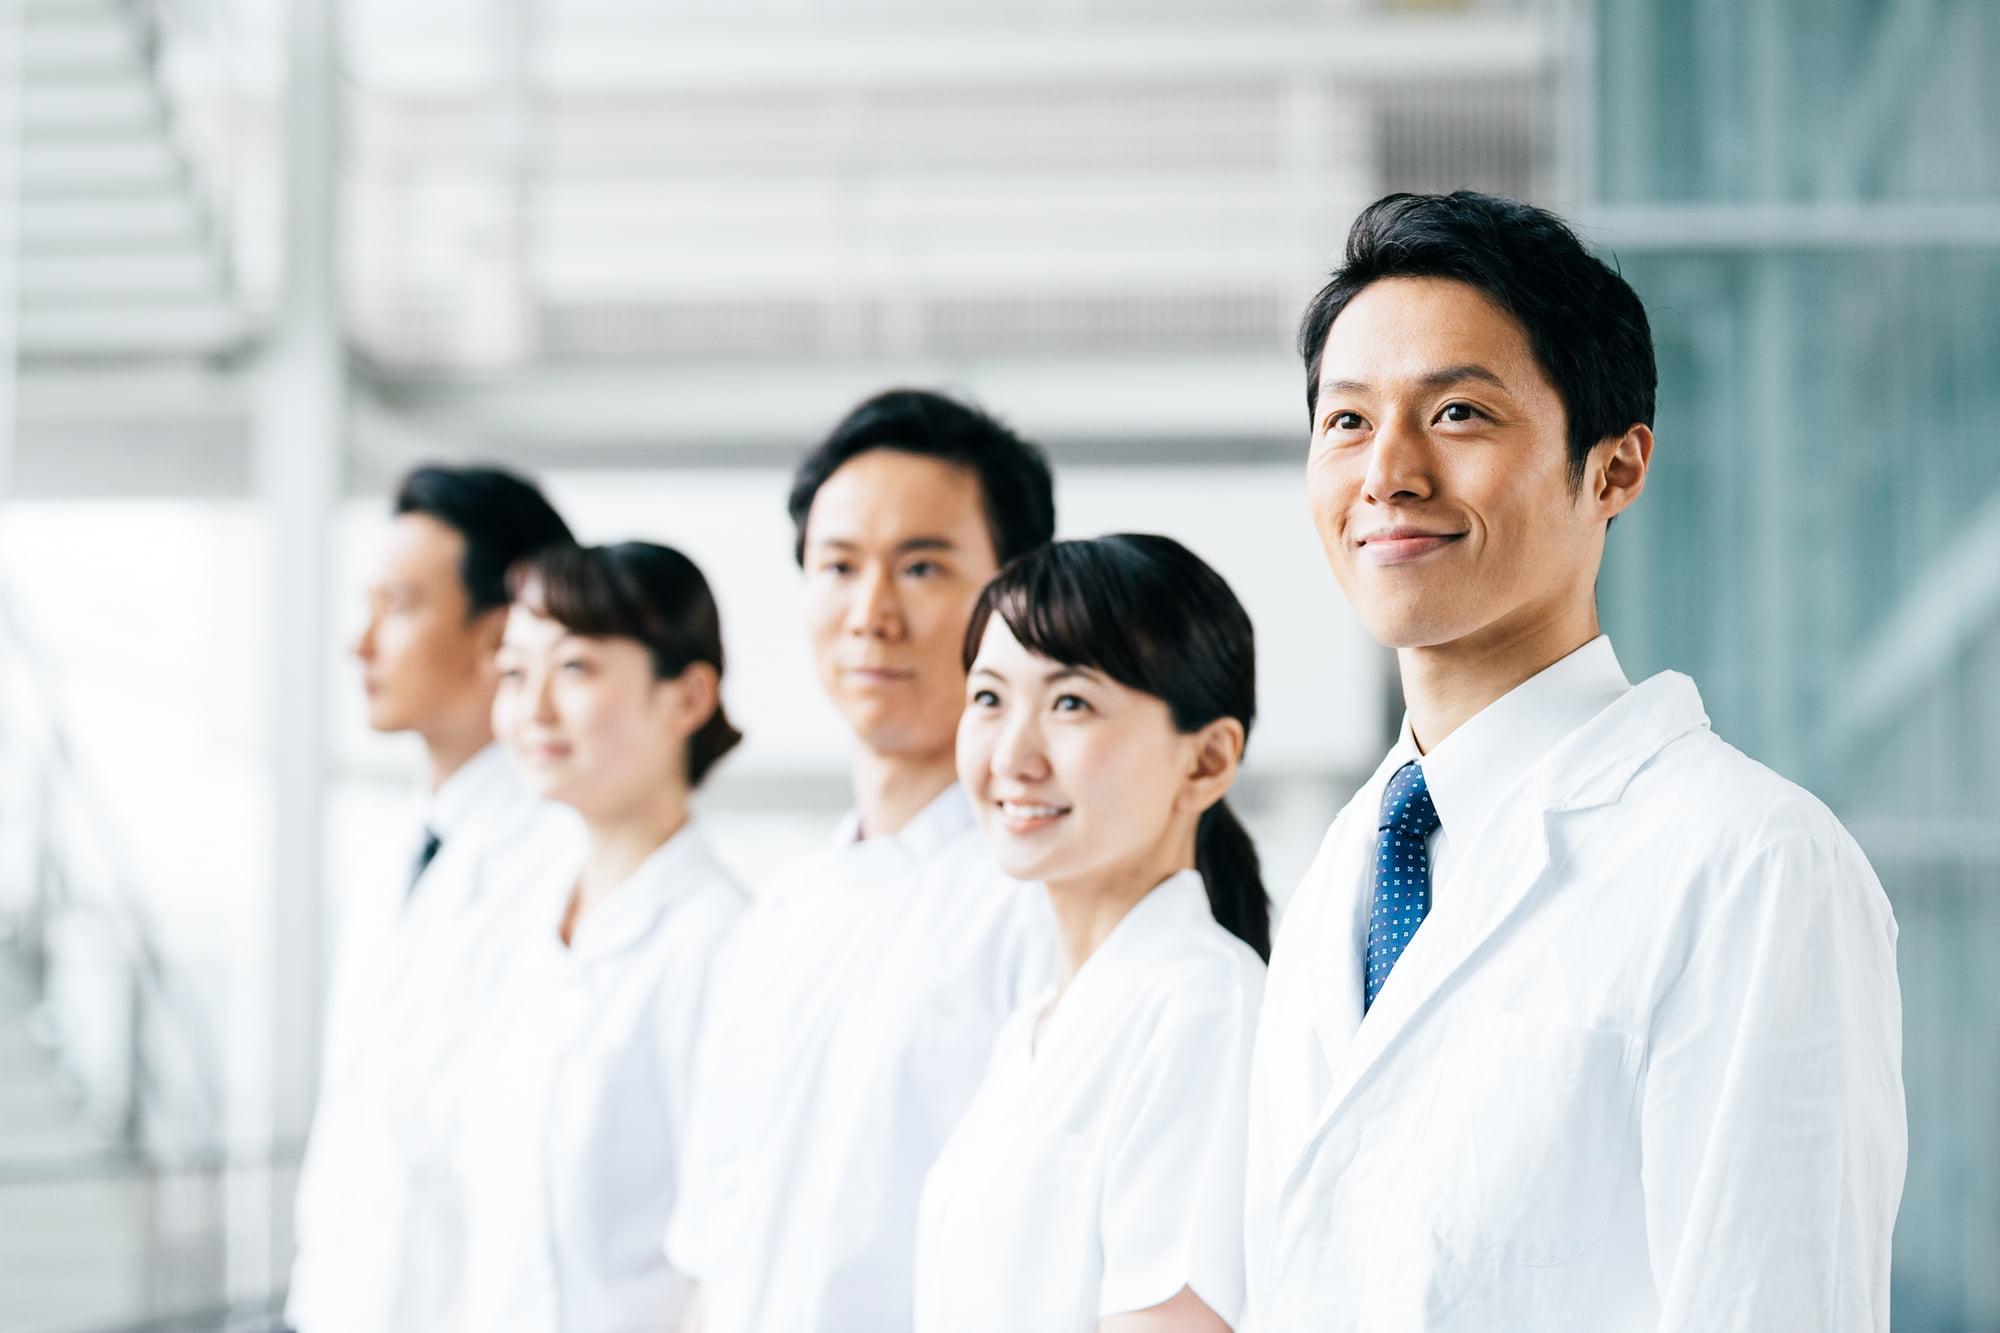 1.総合人材-看護師の男女